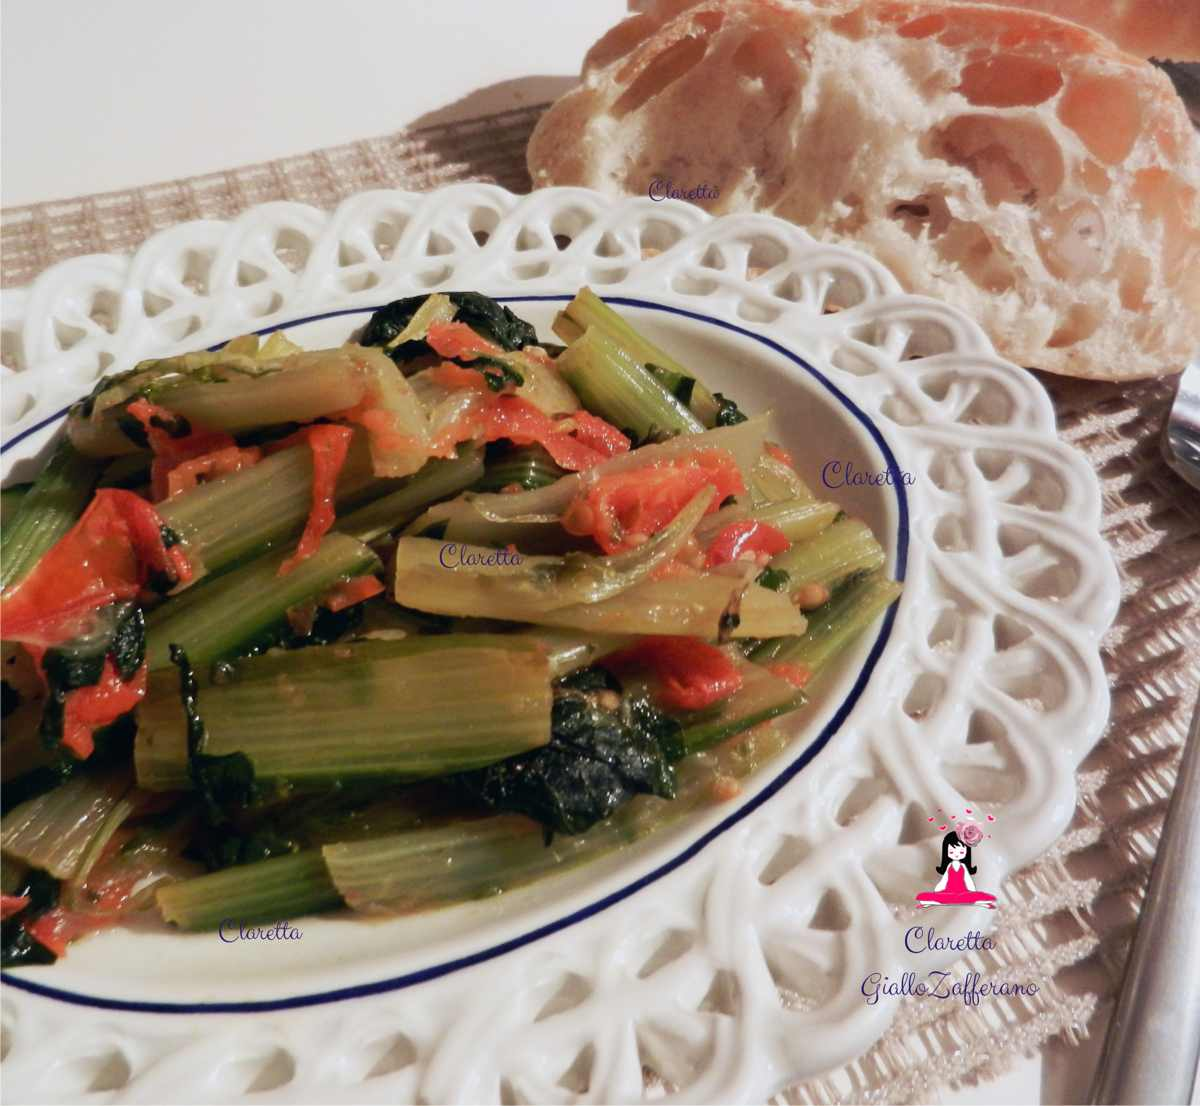 Coste al pomodoro, Ricetta contorno, Claretta GialloZafferano